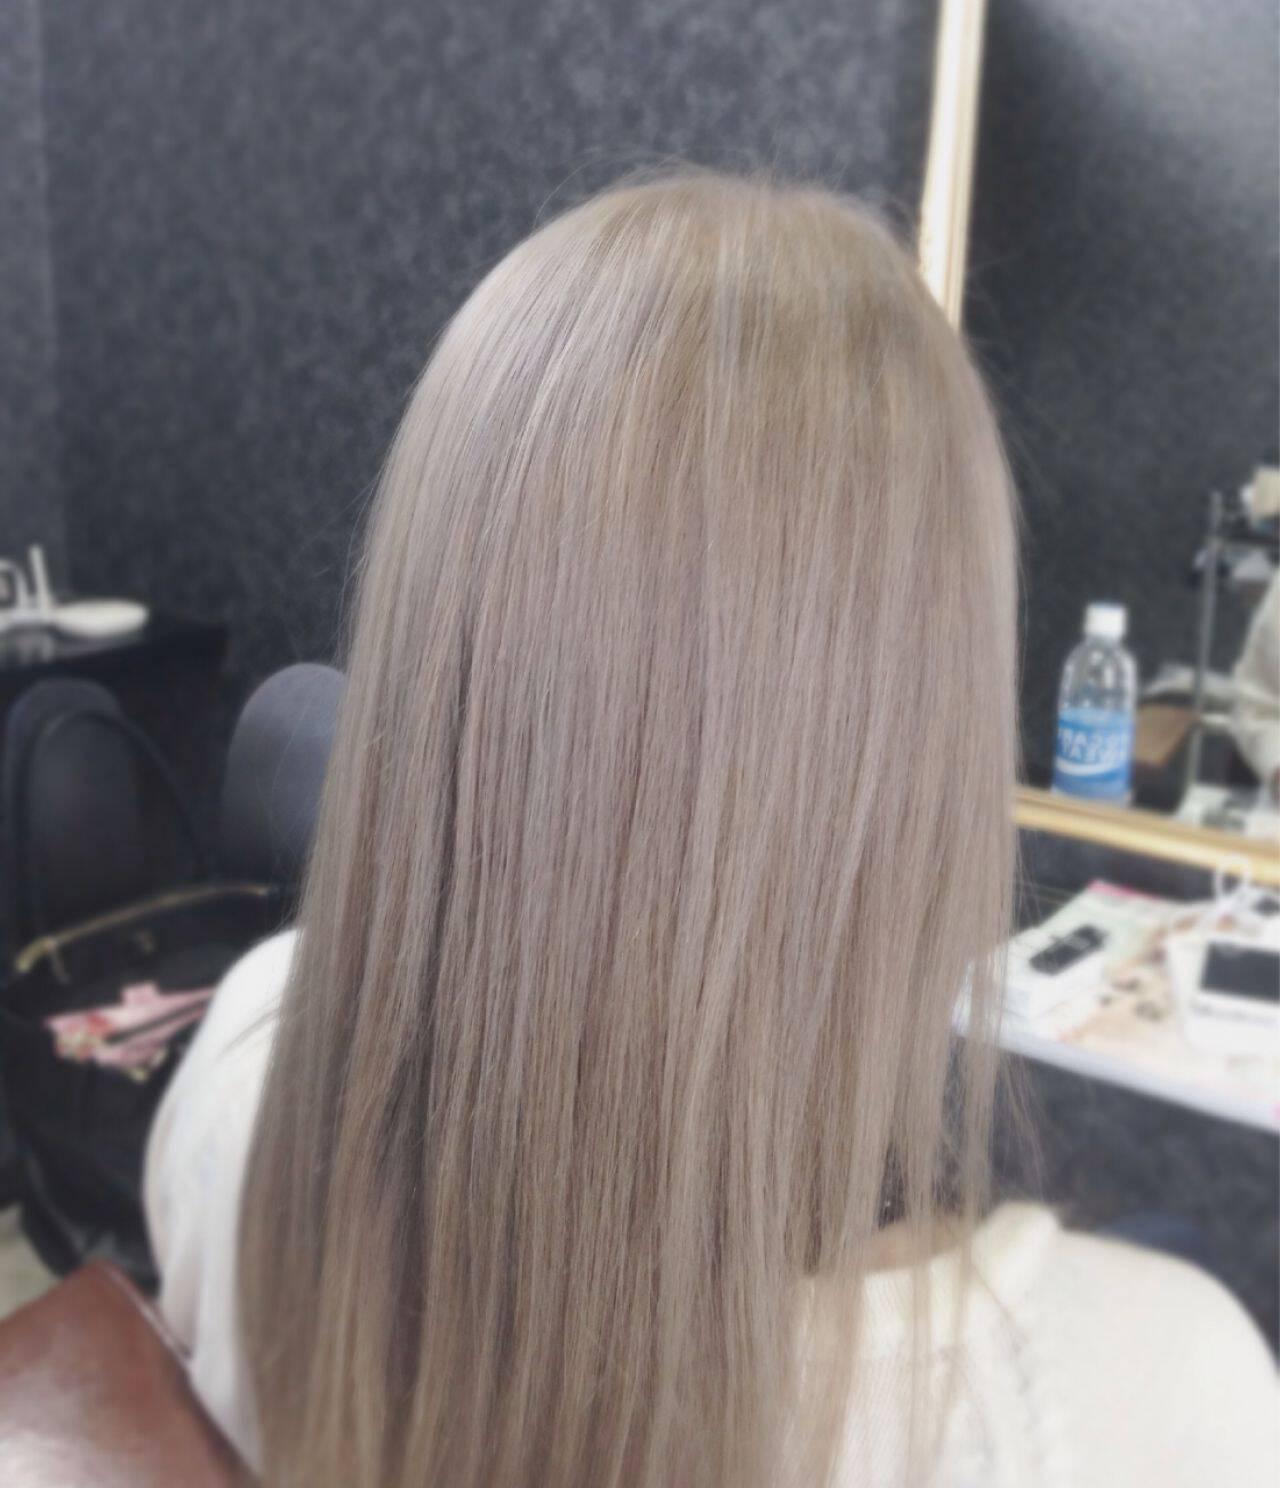 アッシュグレージュ 外国人風 ホワイトアッシュ ラベンダーアッシュヘアスタイルや髪型の写真・画像